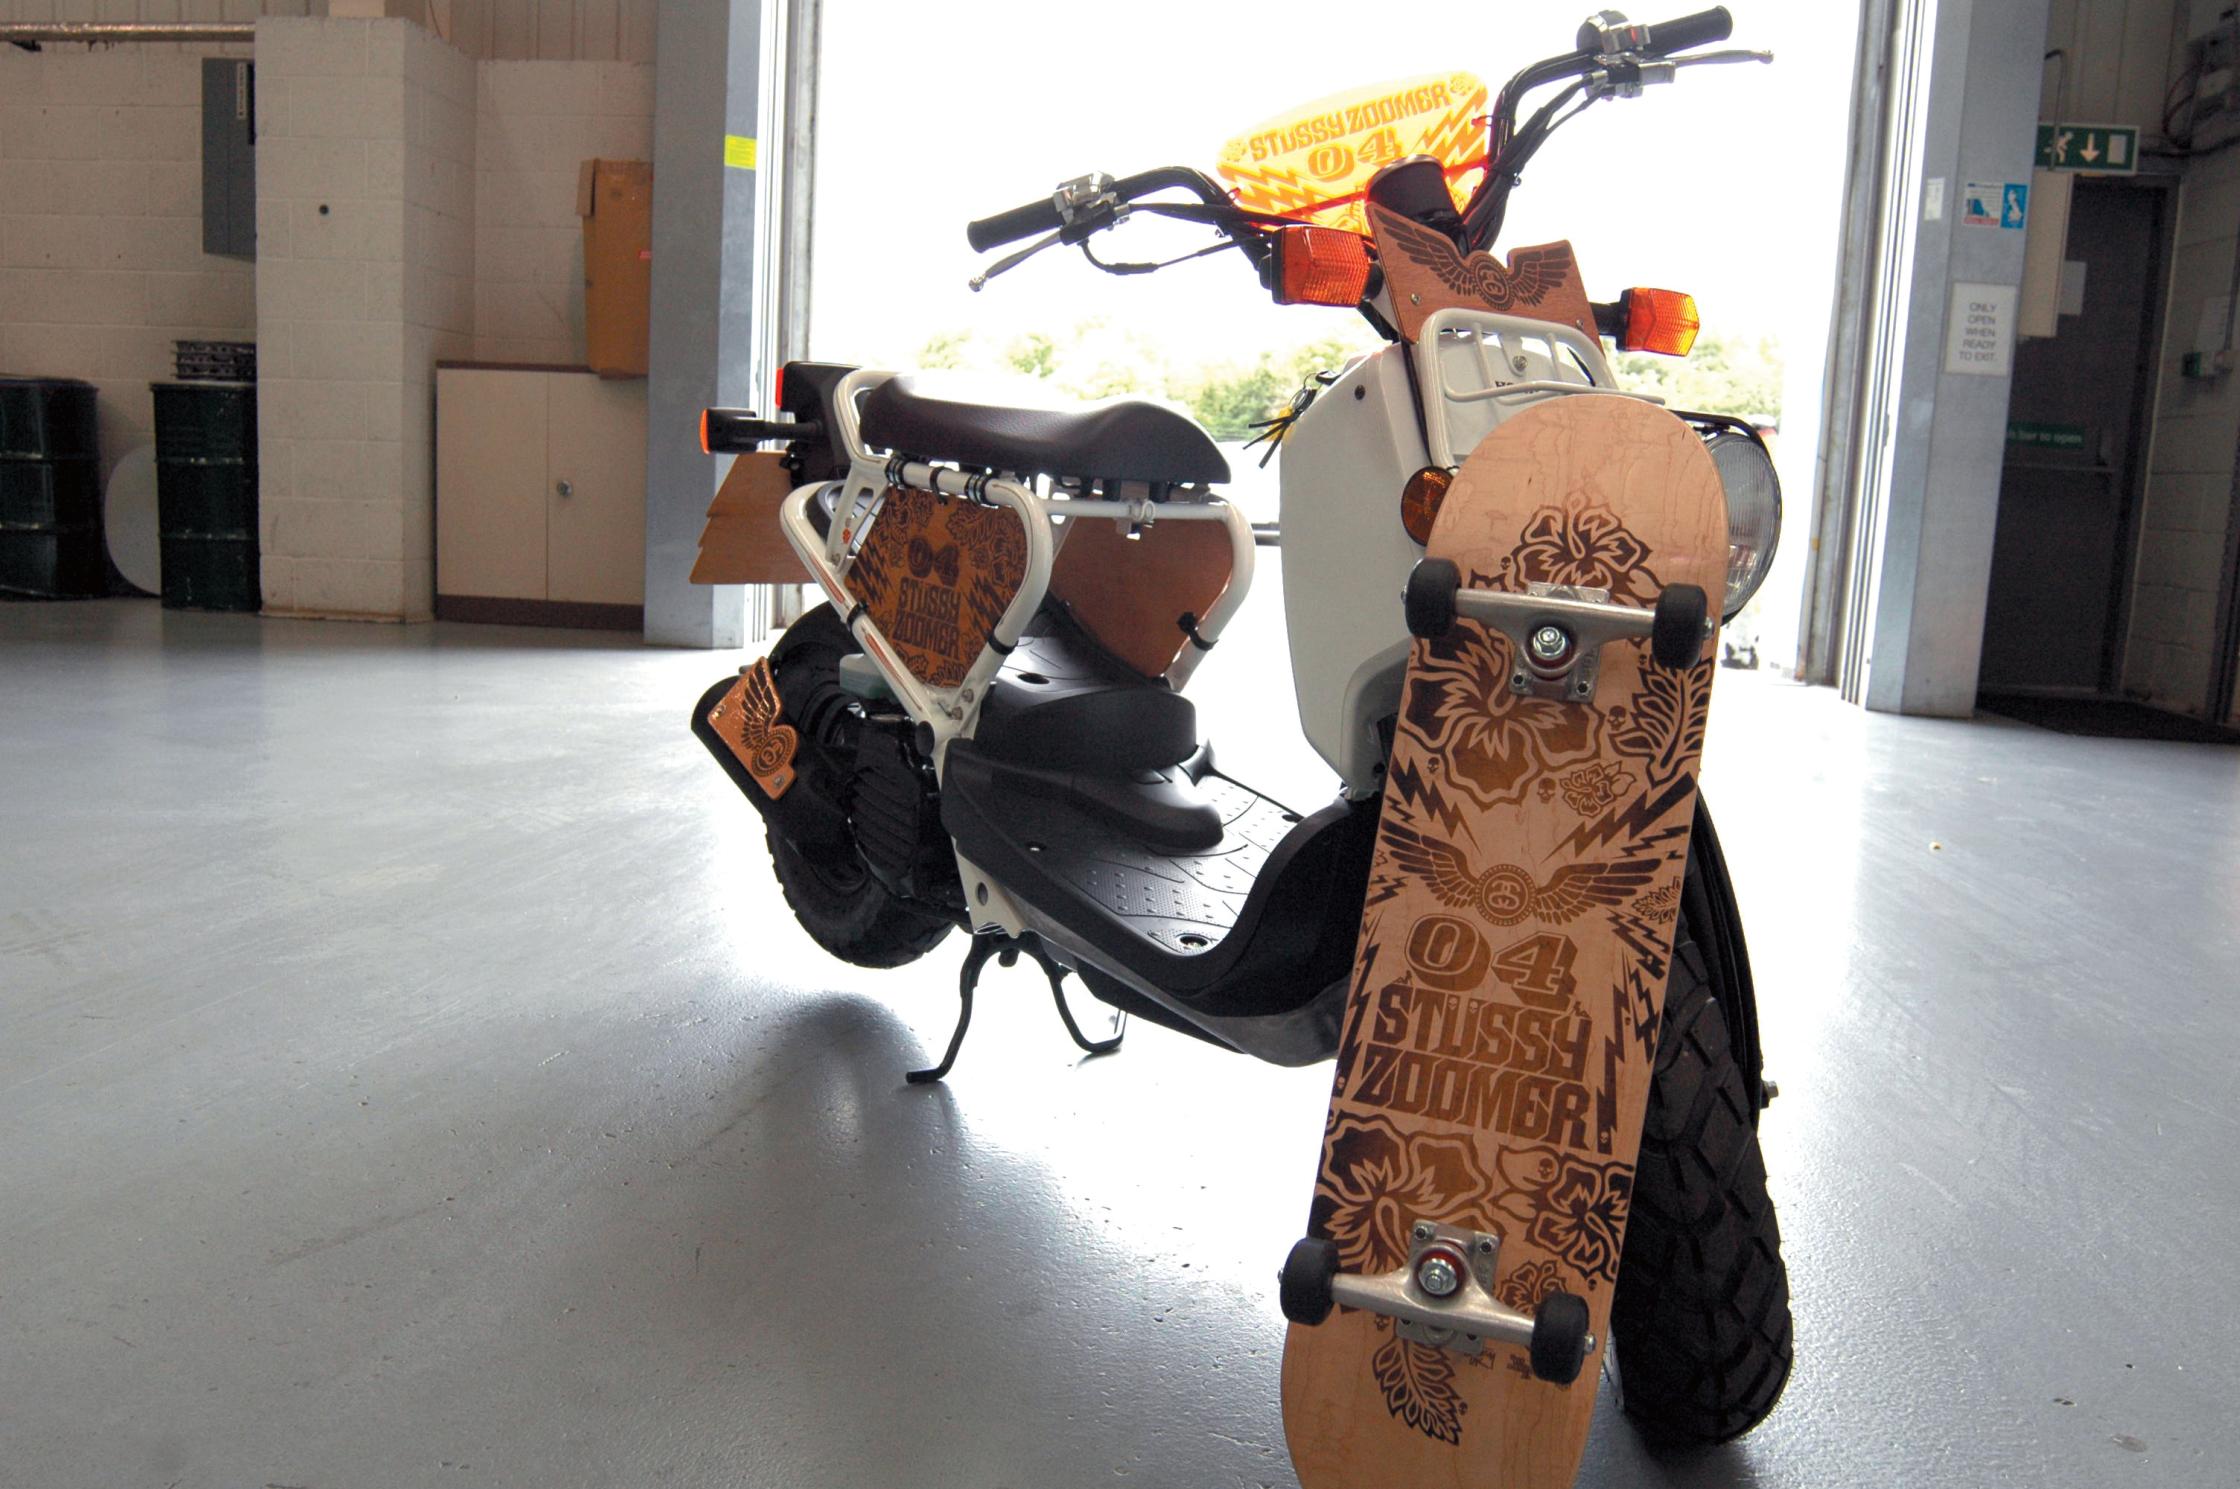 Stüssy Zoomer (Honda) bike